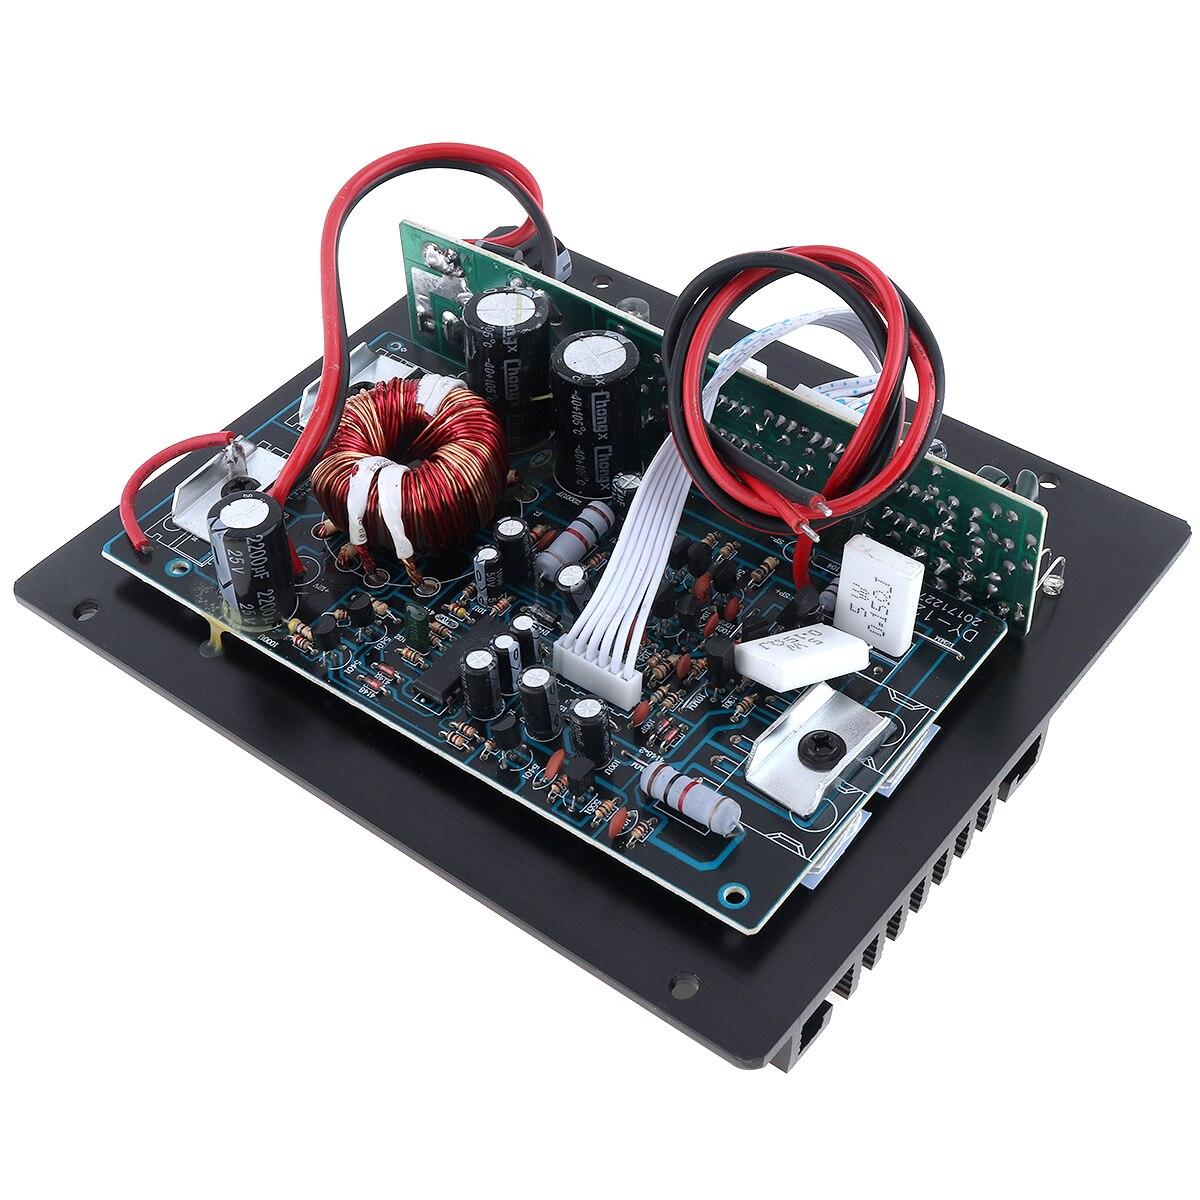 12V 400W Auto Verstärker Klasse AB Digital 2 Kanal Schwarz Aluminium Legierung High Power Auto Audio AMP Subwoofer verstärker Für Auto Home